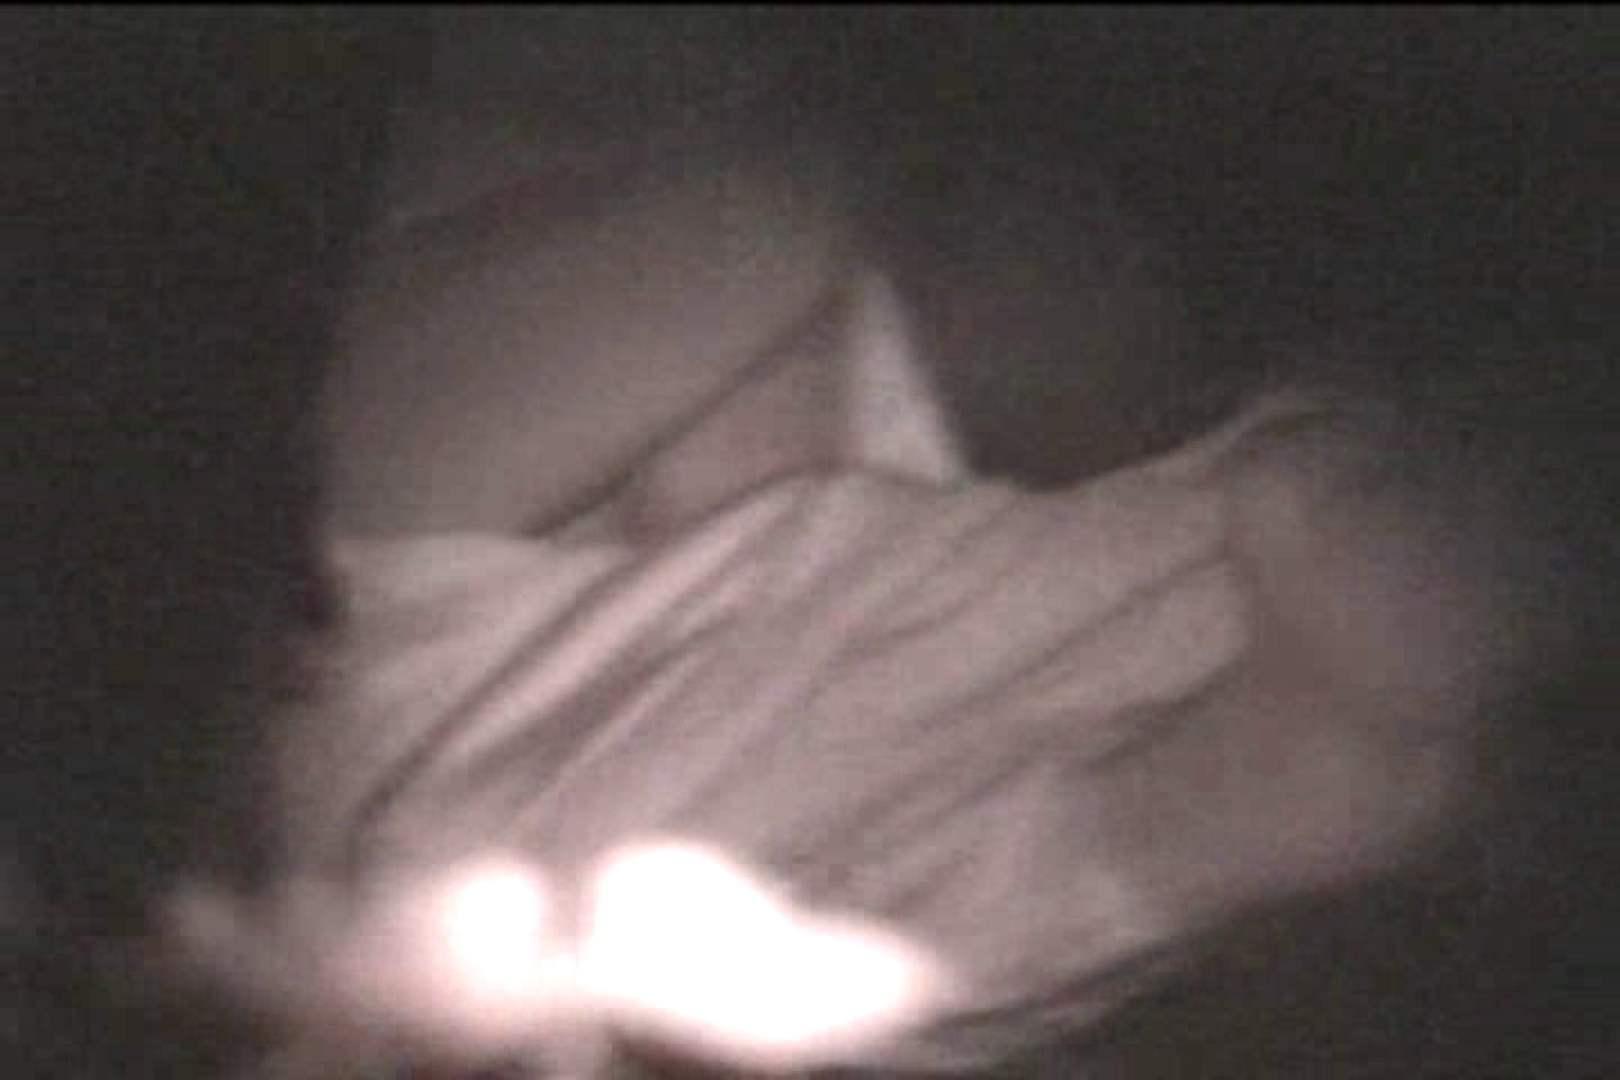 蔵出し!!赤外線カーセックスVol.28 熟女丸裸 オメコ動画キャプチャ 101pic 77